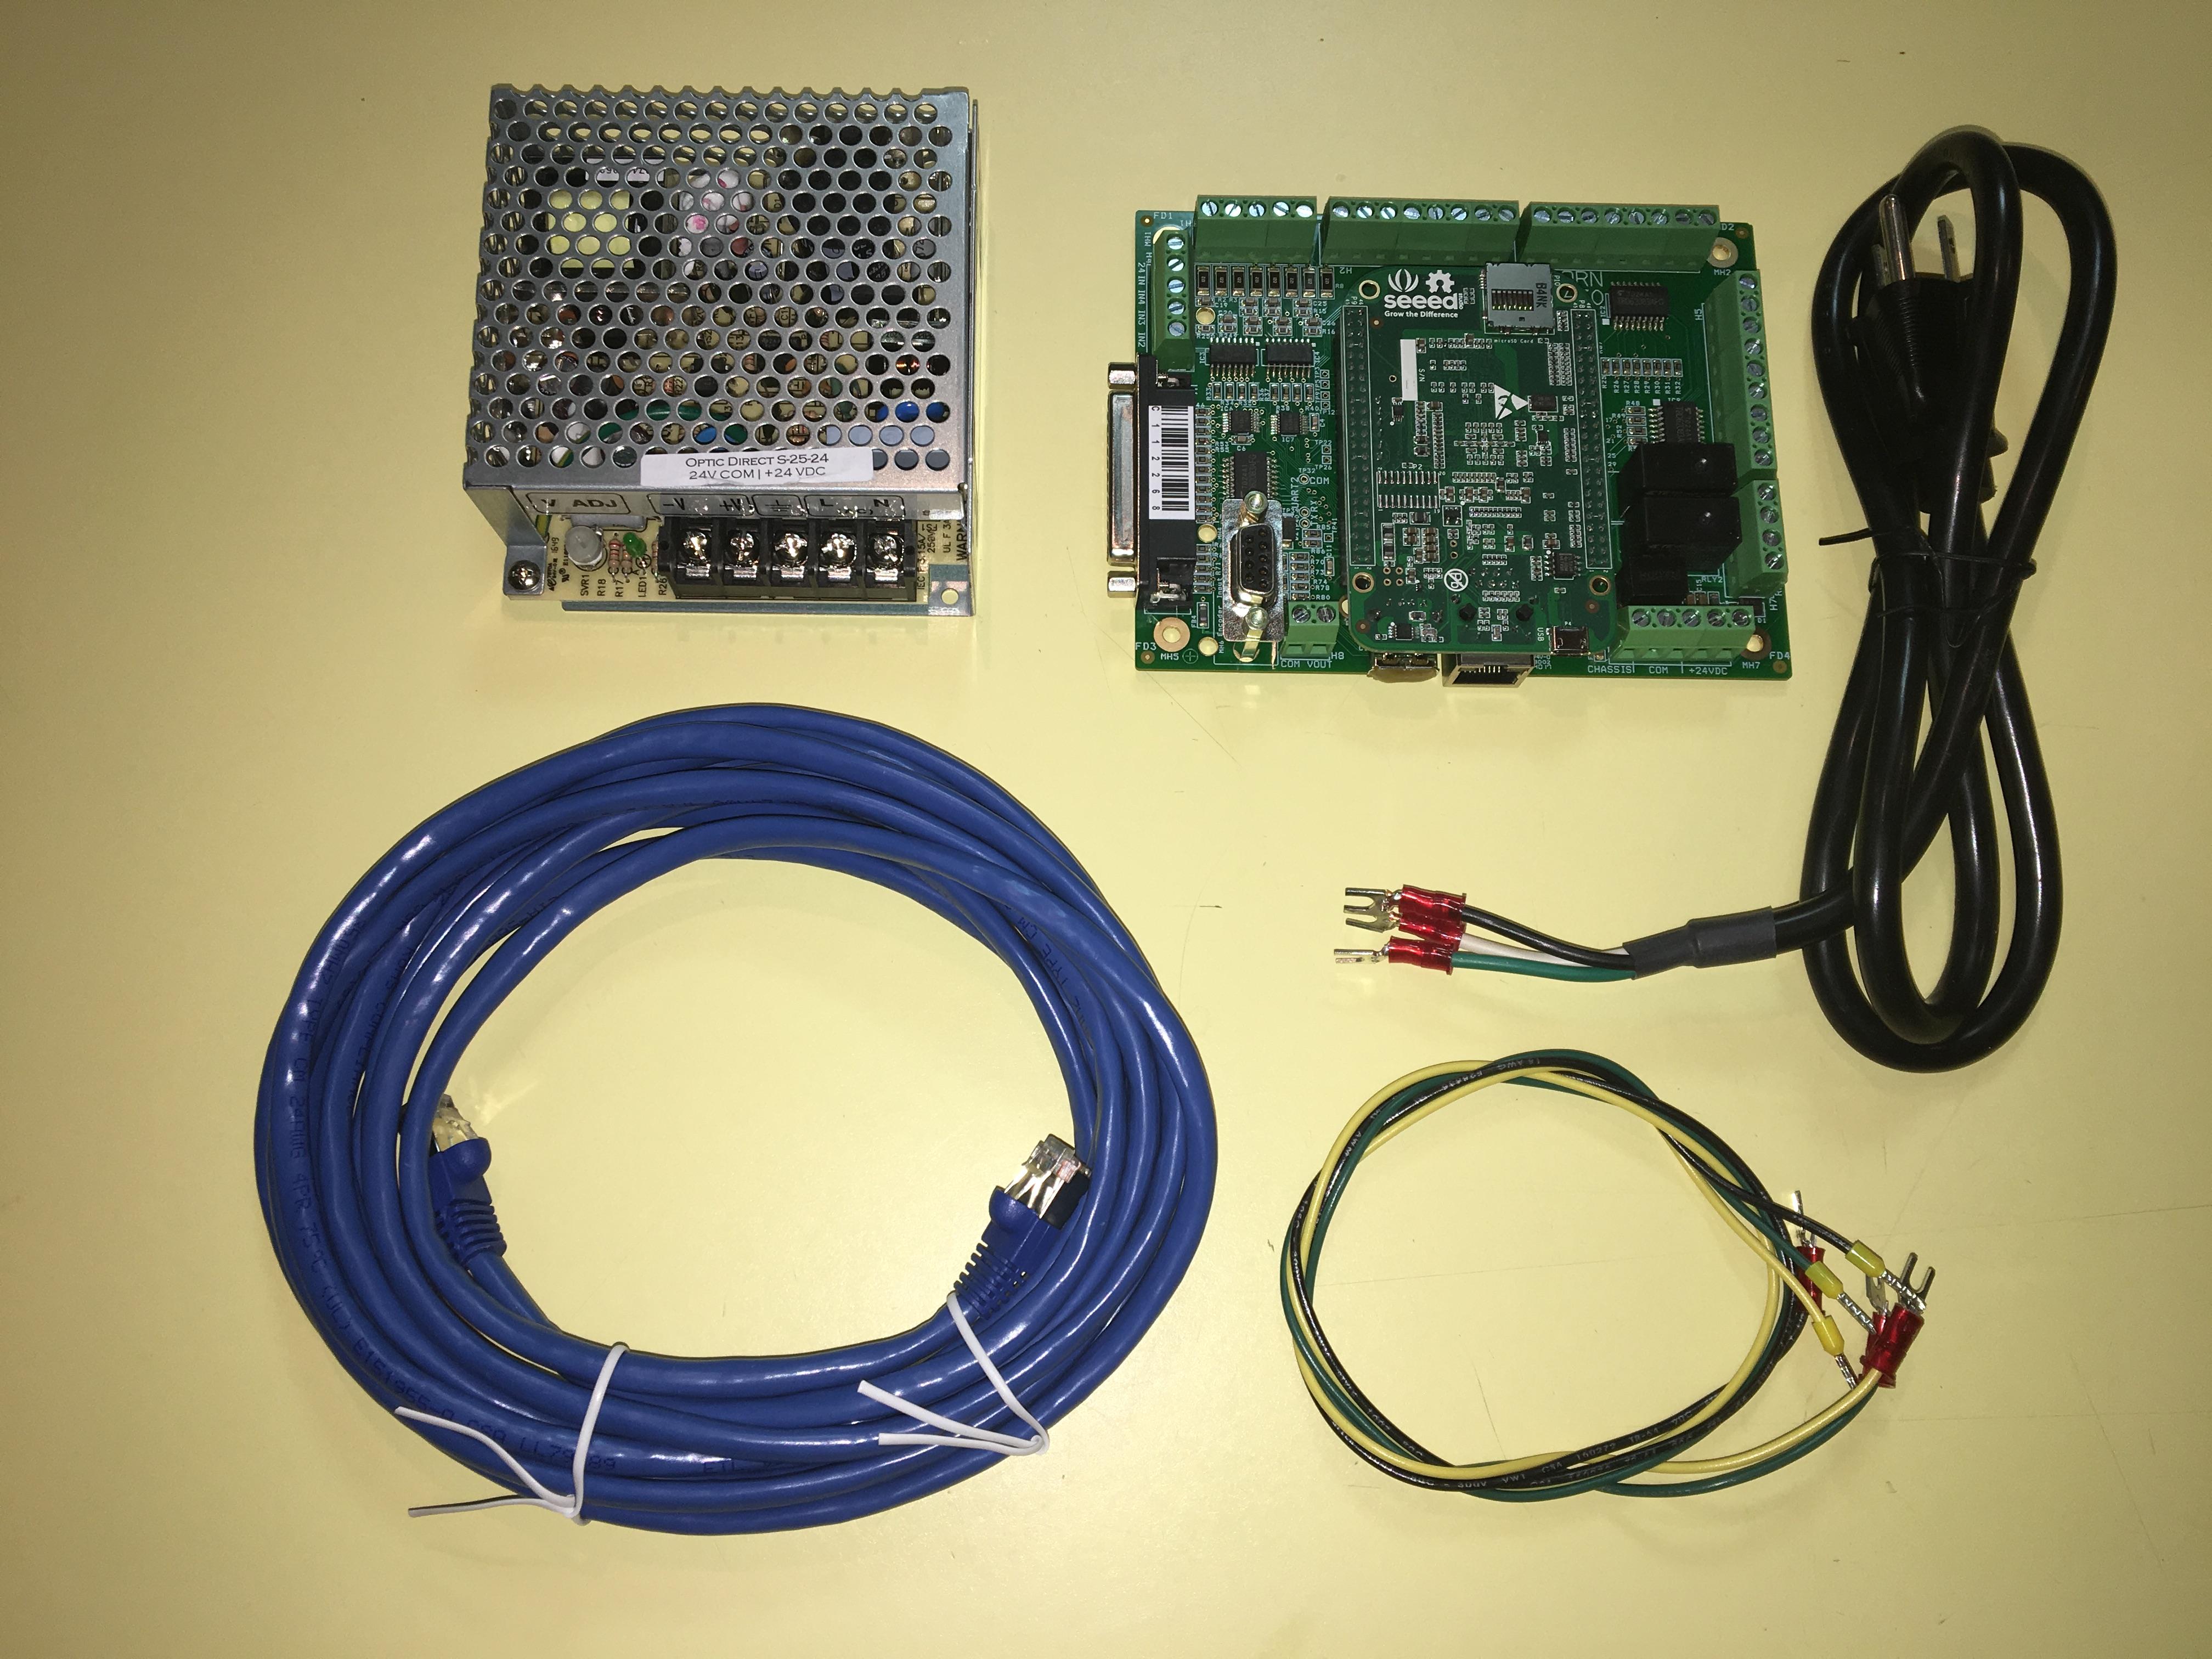 CNC Router Tips CentroidCNC Acorn DIY CNC Controller - #CNC Router Tips